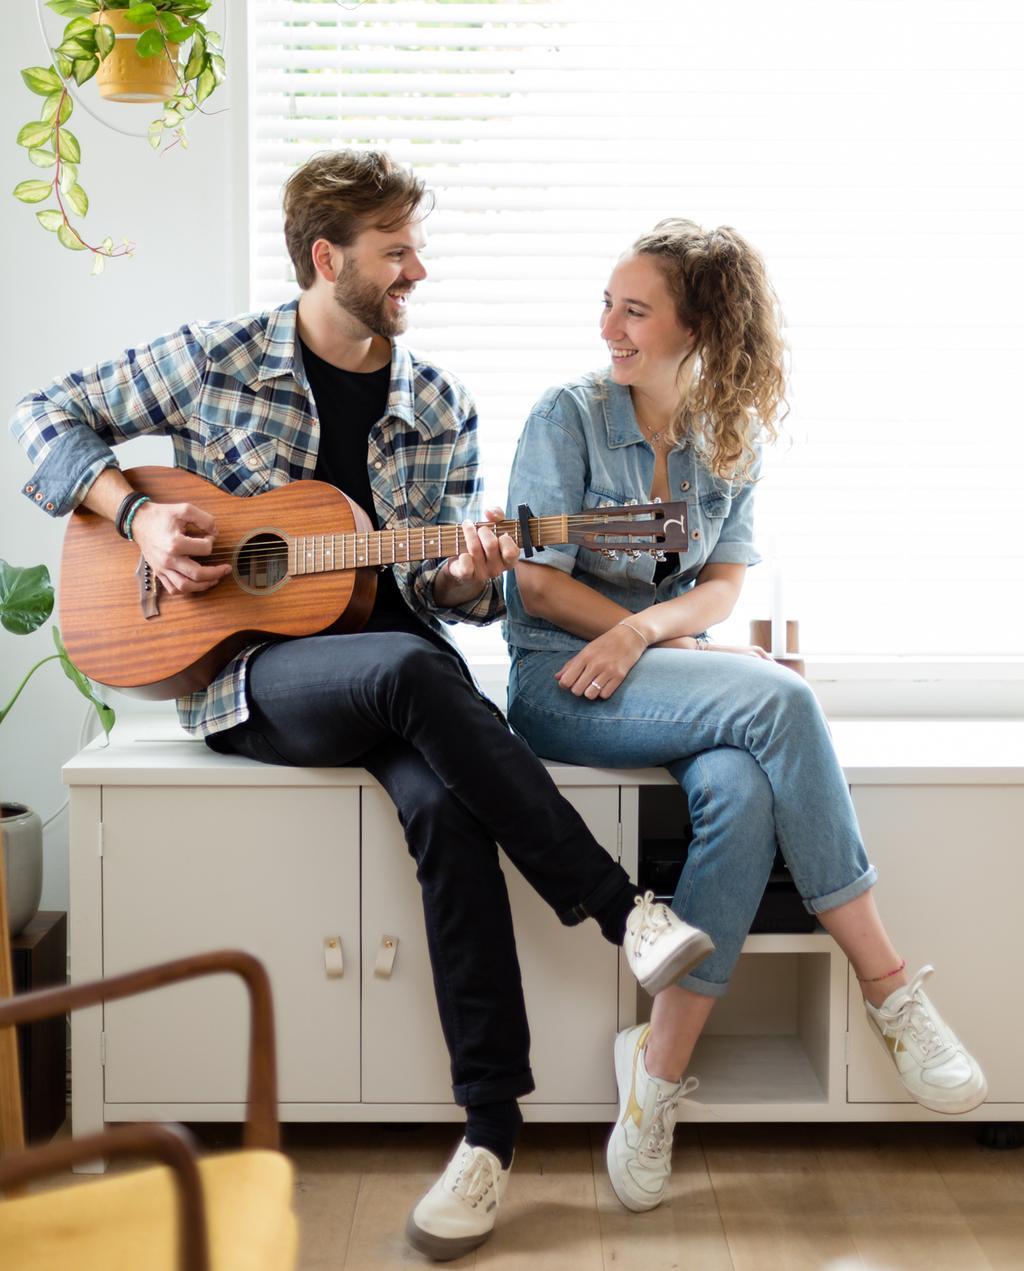 vtwonen weer verliefd op je huis | seizoen 11 aflevering 3 | styling Eva van de Ven